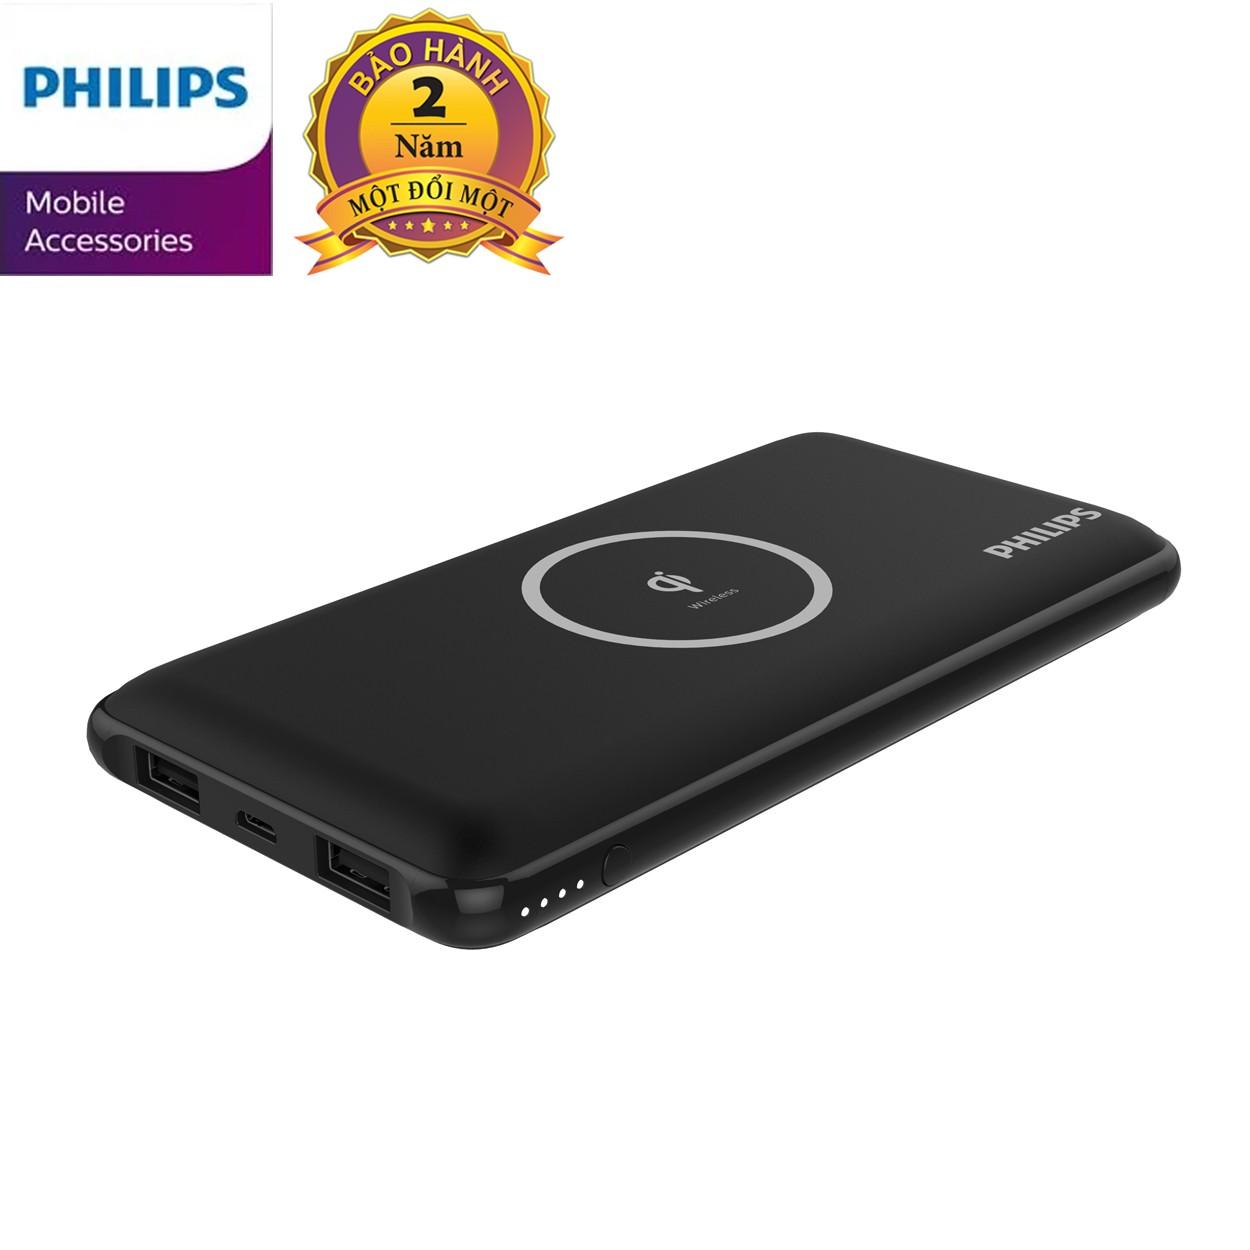 Sạc dự phòng không dây Philips DLP9611 với công nghệ Qi